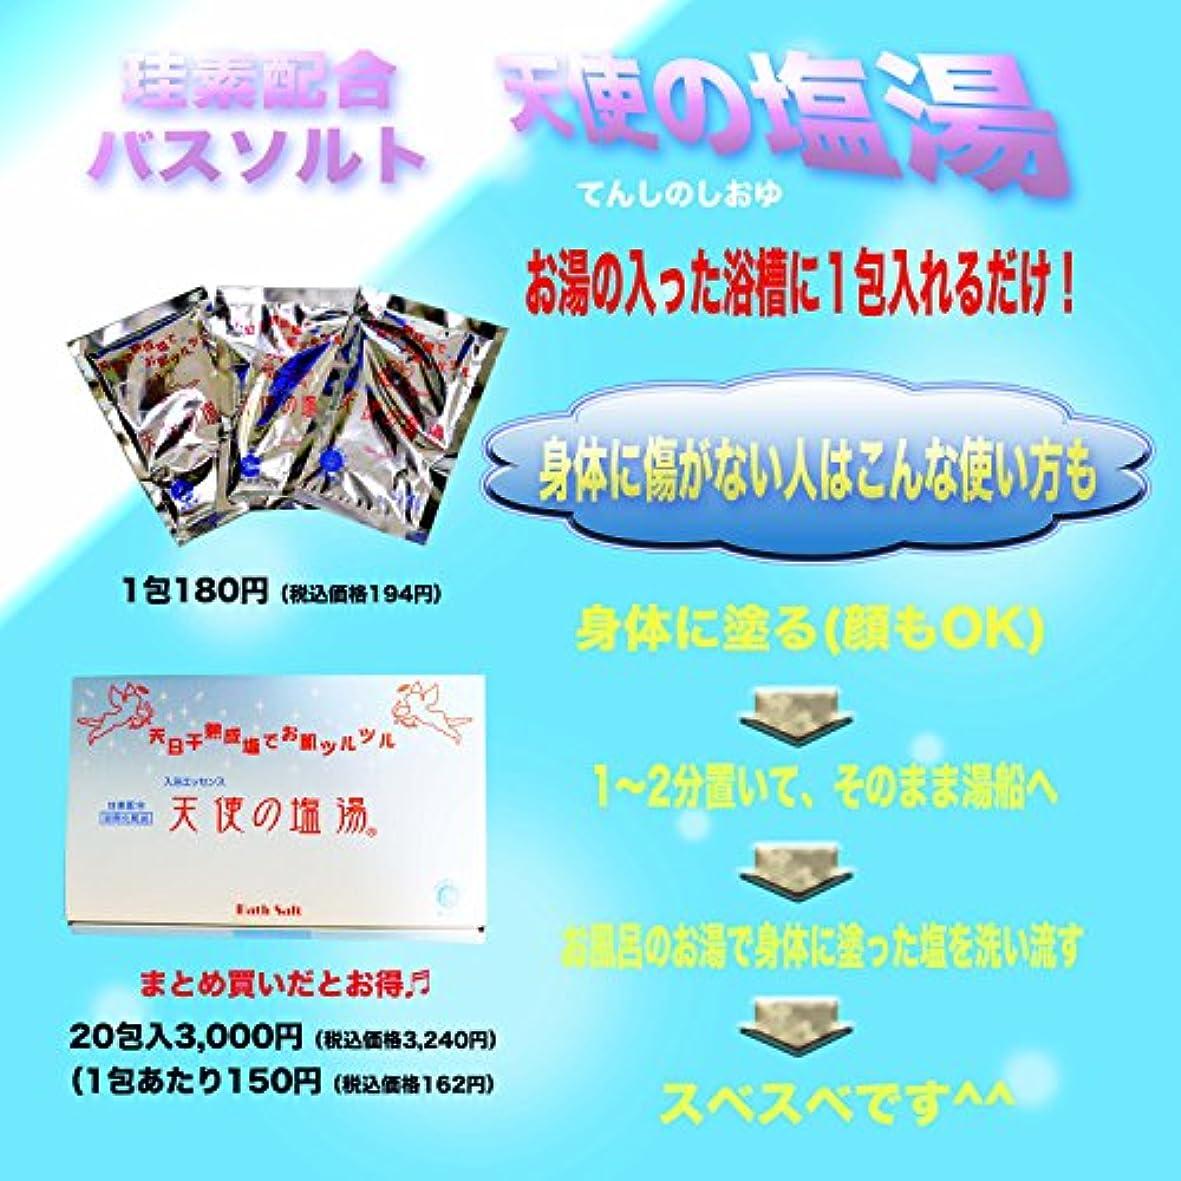 収入ダブルバスト入浴エッセンス 天使の塩湯(70g×20袋入) 日本珪素医科学学会 承認品